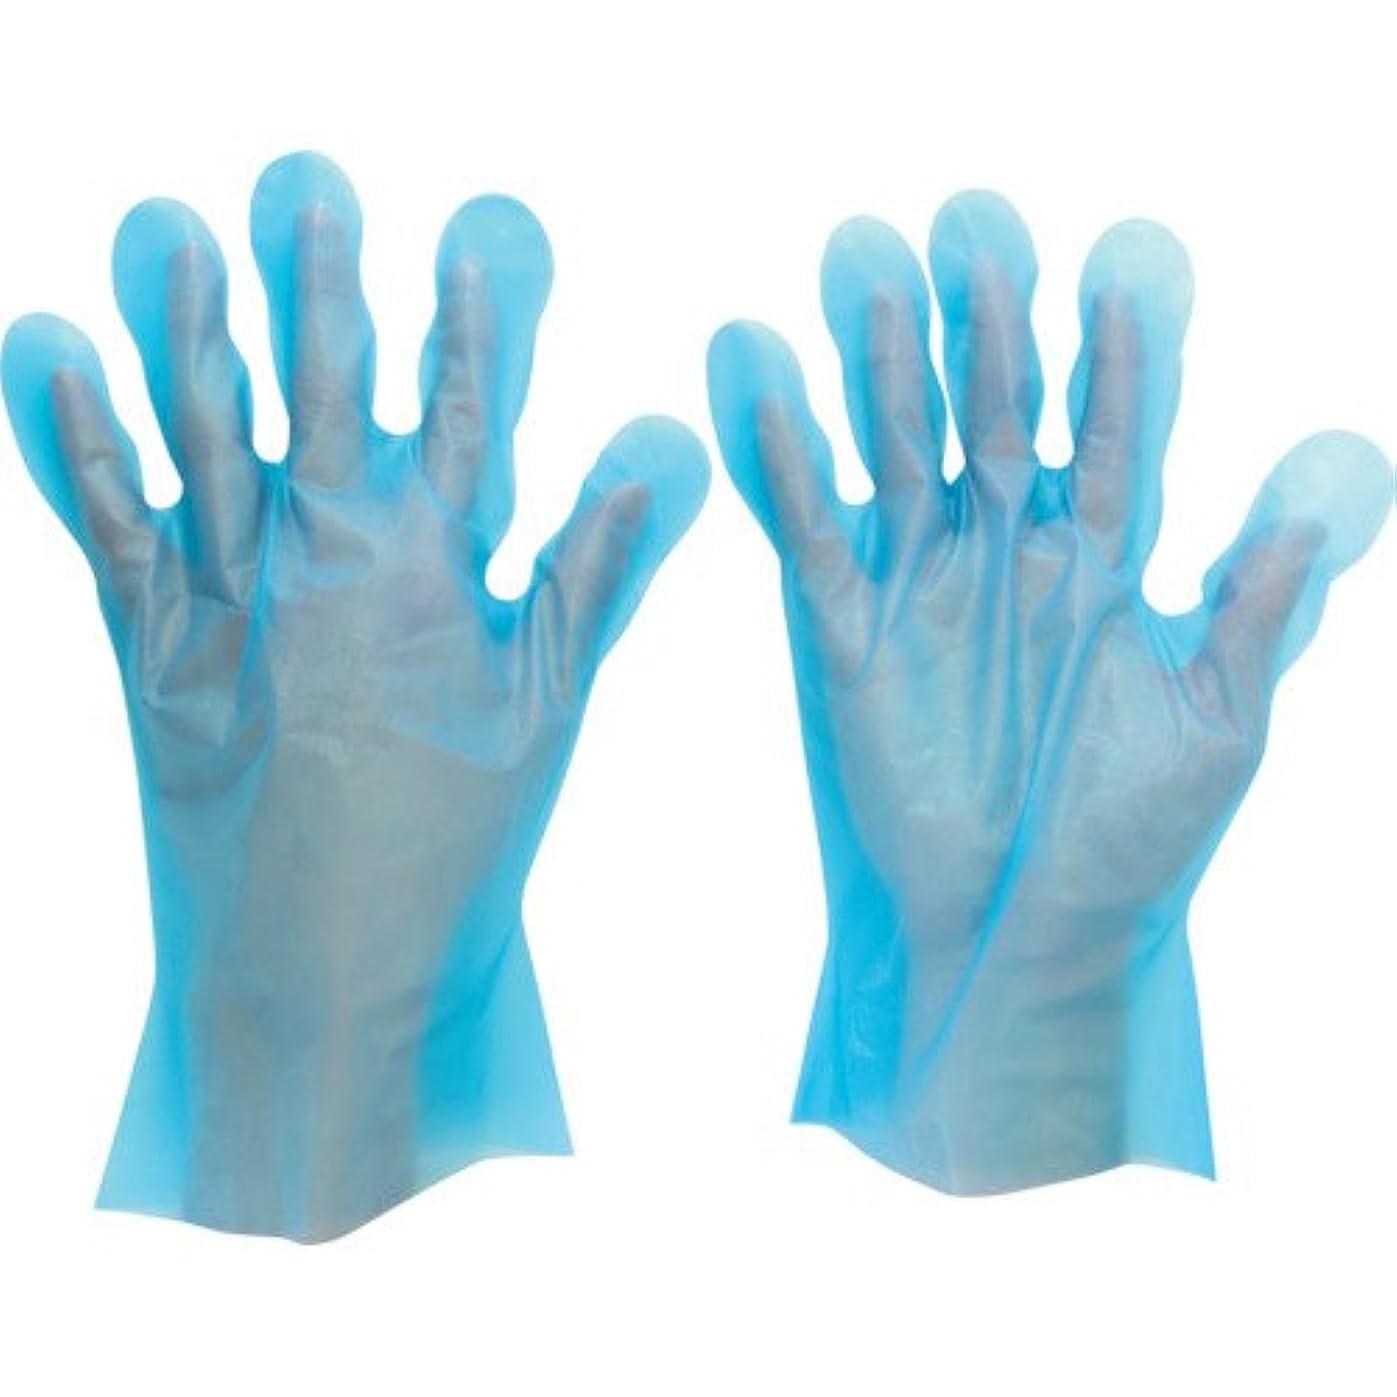 霜絡まるむき出しミドリ安全 ポリエチレンディスポ手袋 ベルテ572 200枚入 SS(入数:200枚) VERTE-572-SS